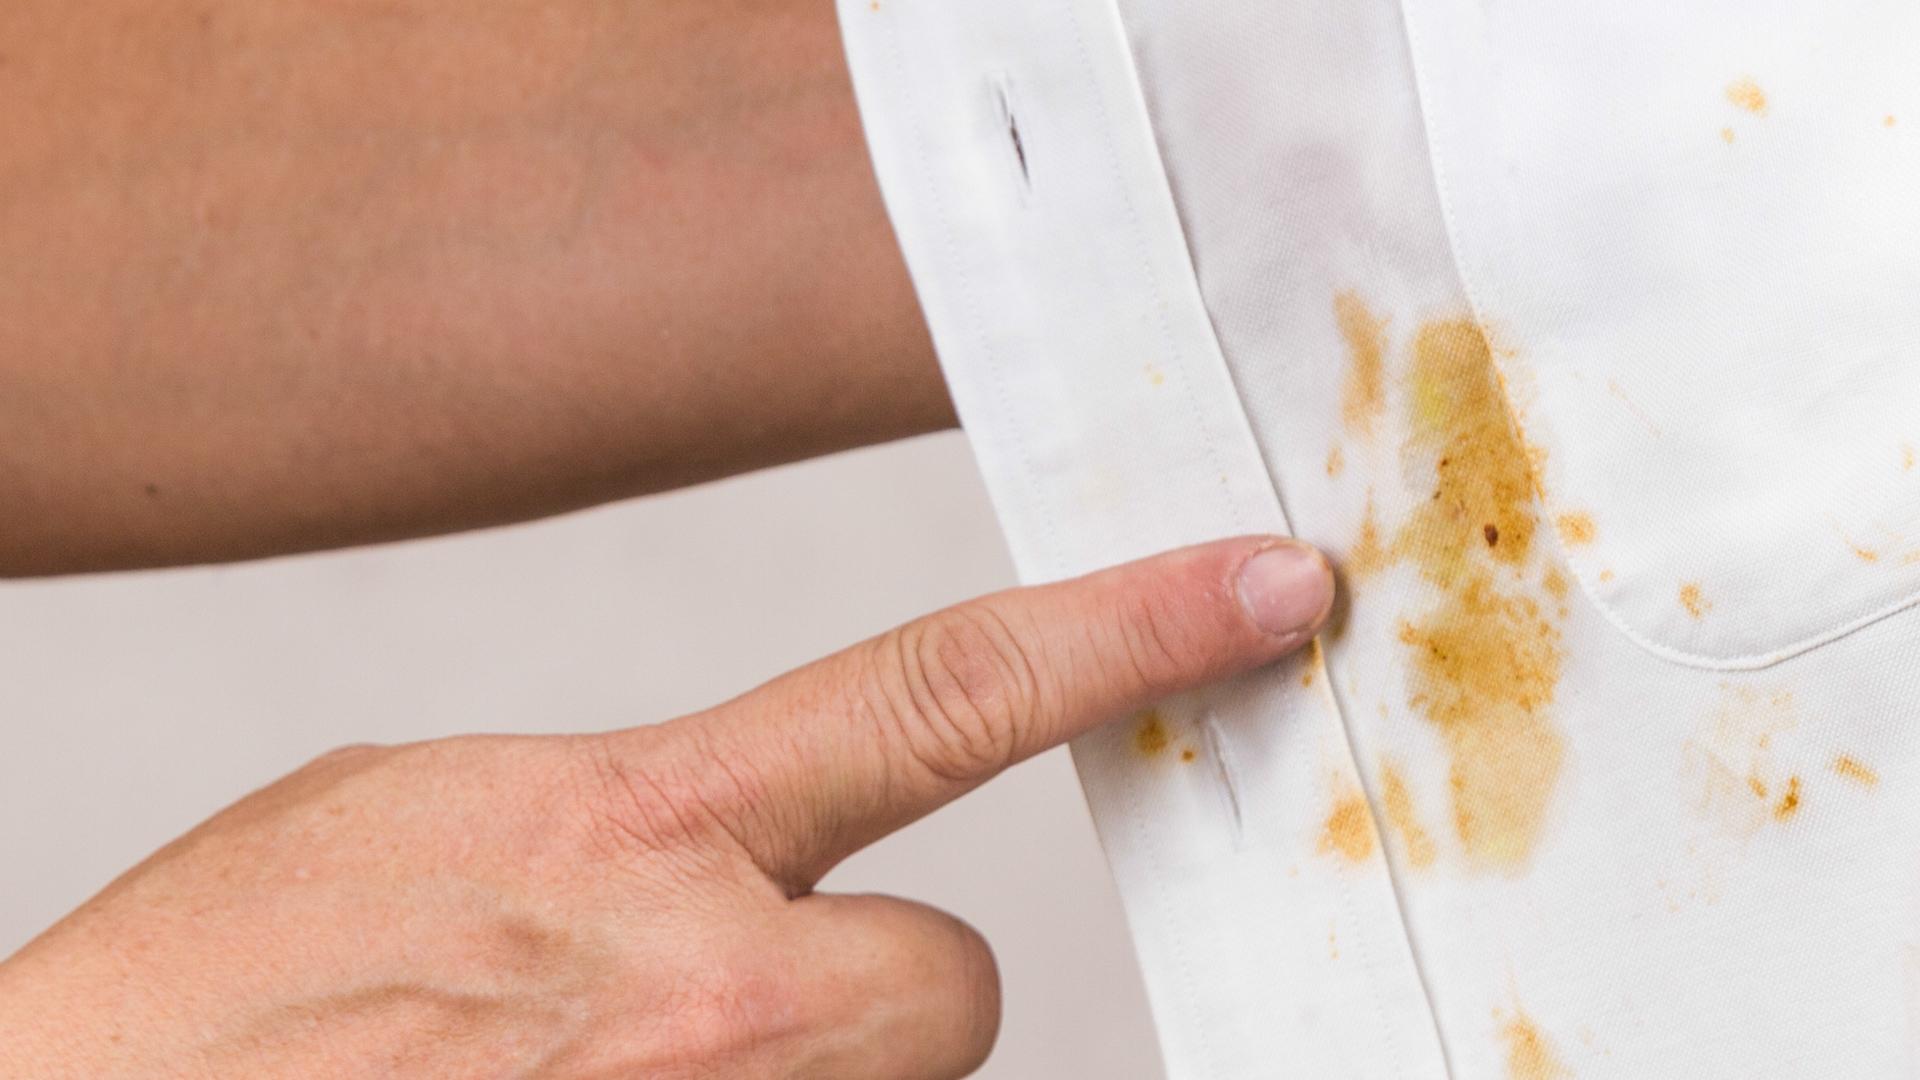 Jak usunąć tłuste plamy z ubrań? To proste!